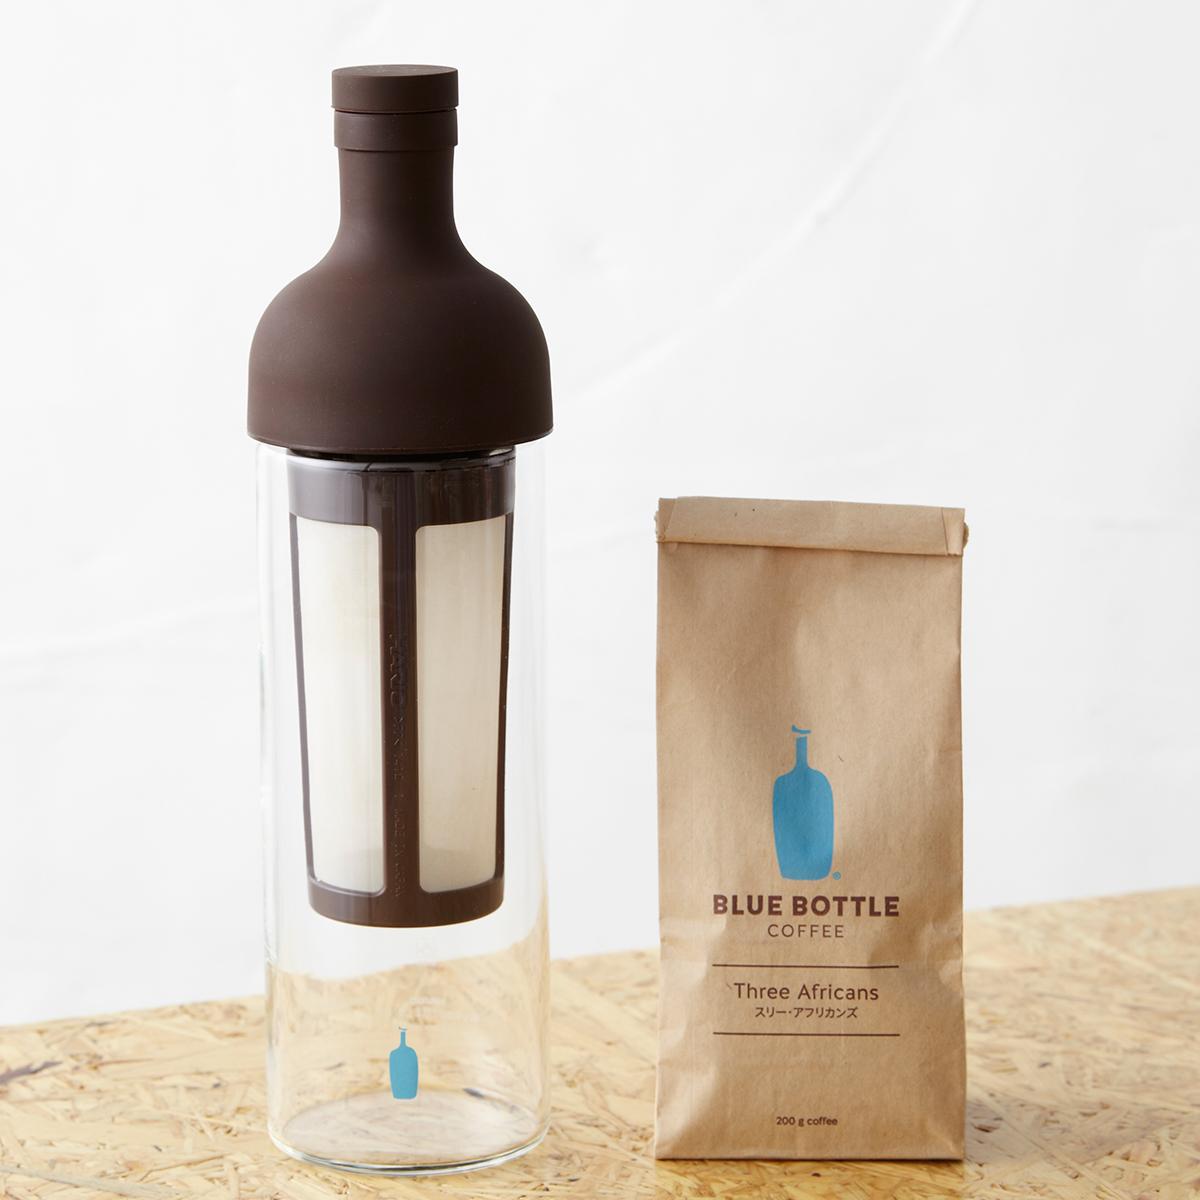 家庭でも簡単に水出しコーヒーを楽しめるブルーボトルコーヒーの「コールドブリューキット」(コールドブリューボトル、オリジナルブレンドコーヒー豆=スリーアフリカンズ200g、ブリューイングガイド、4,300円、税抜)。